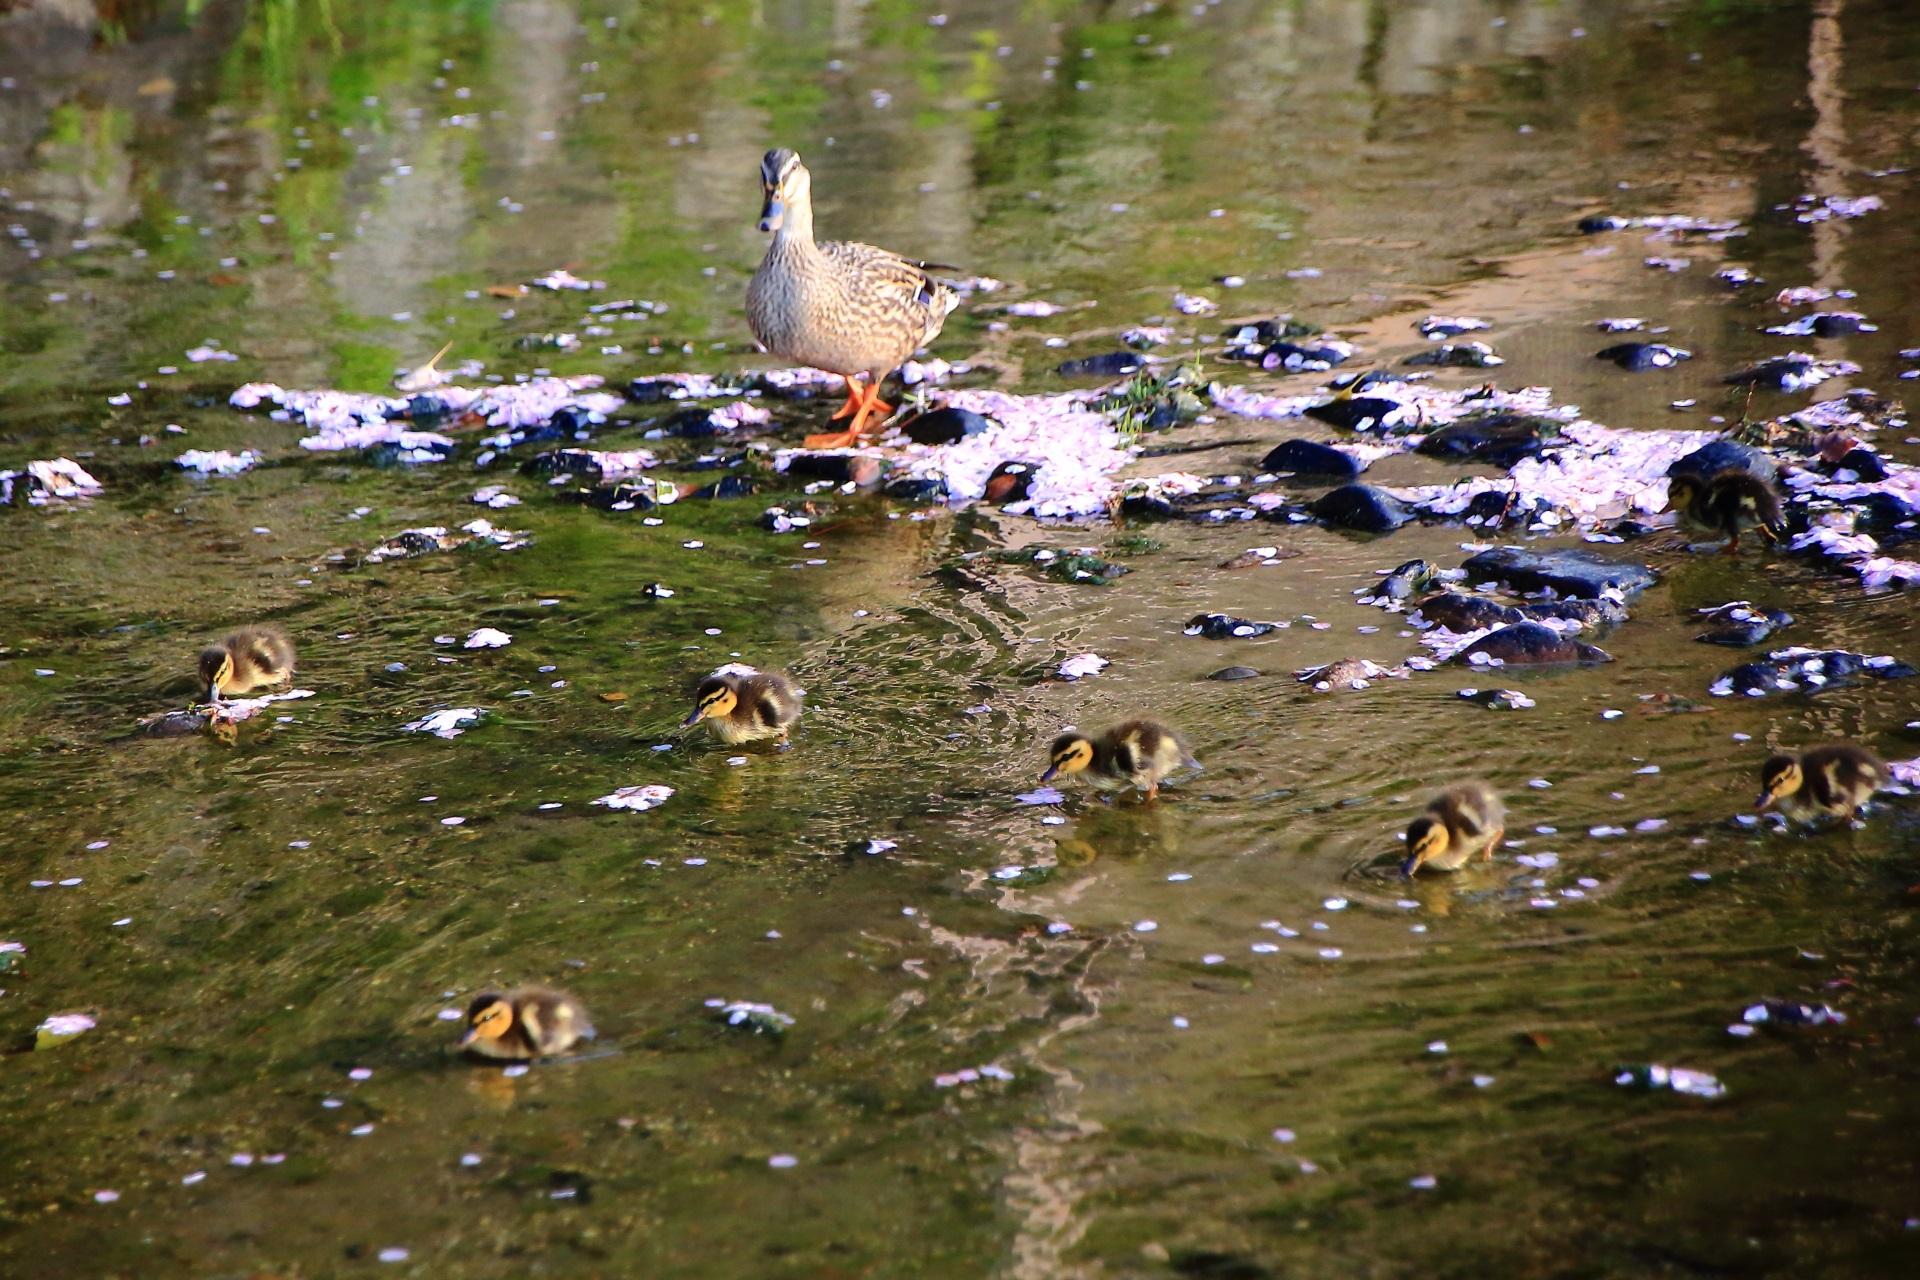 石に引っかかって溜まった桜の花びらを食べる赤ちゃん鴨